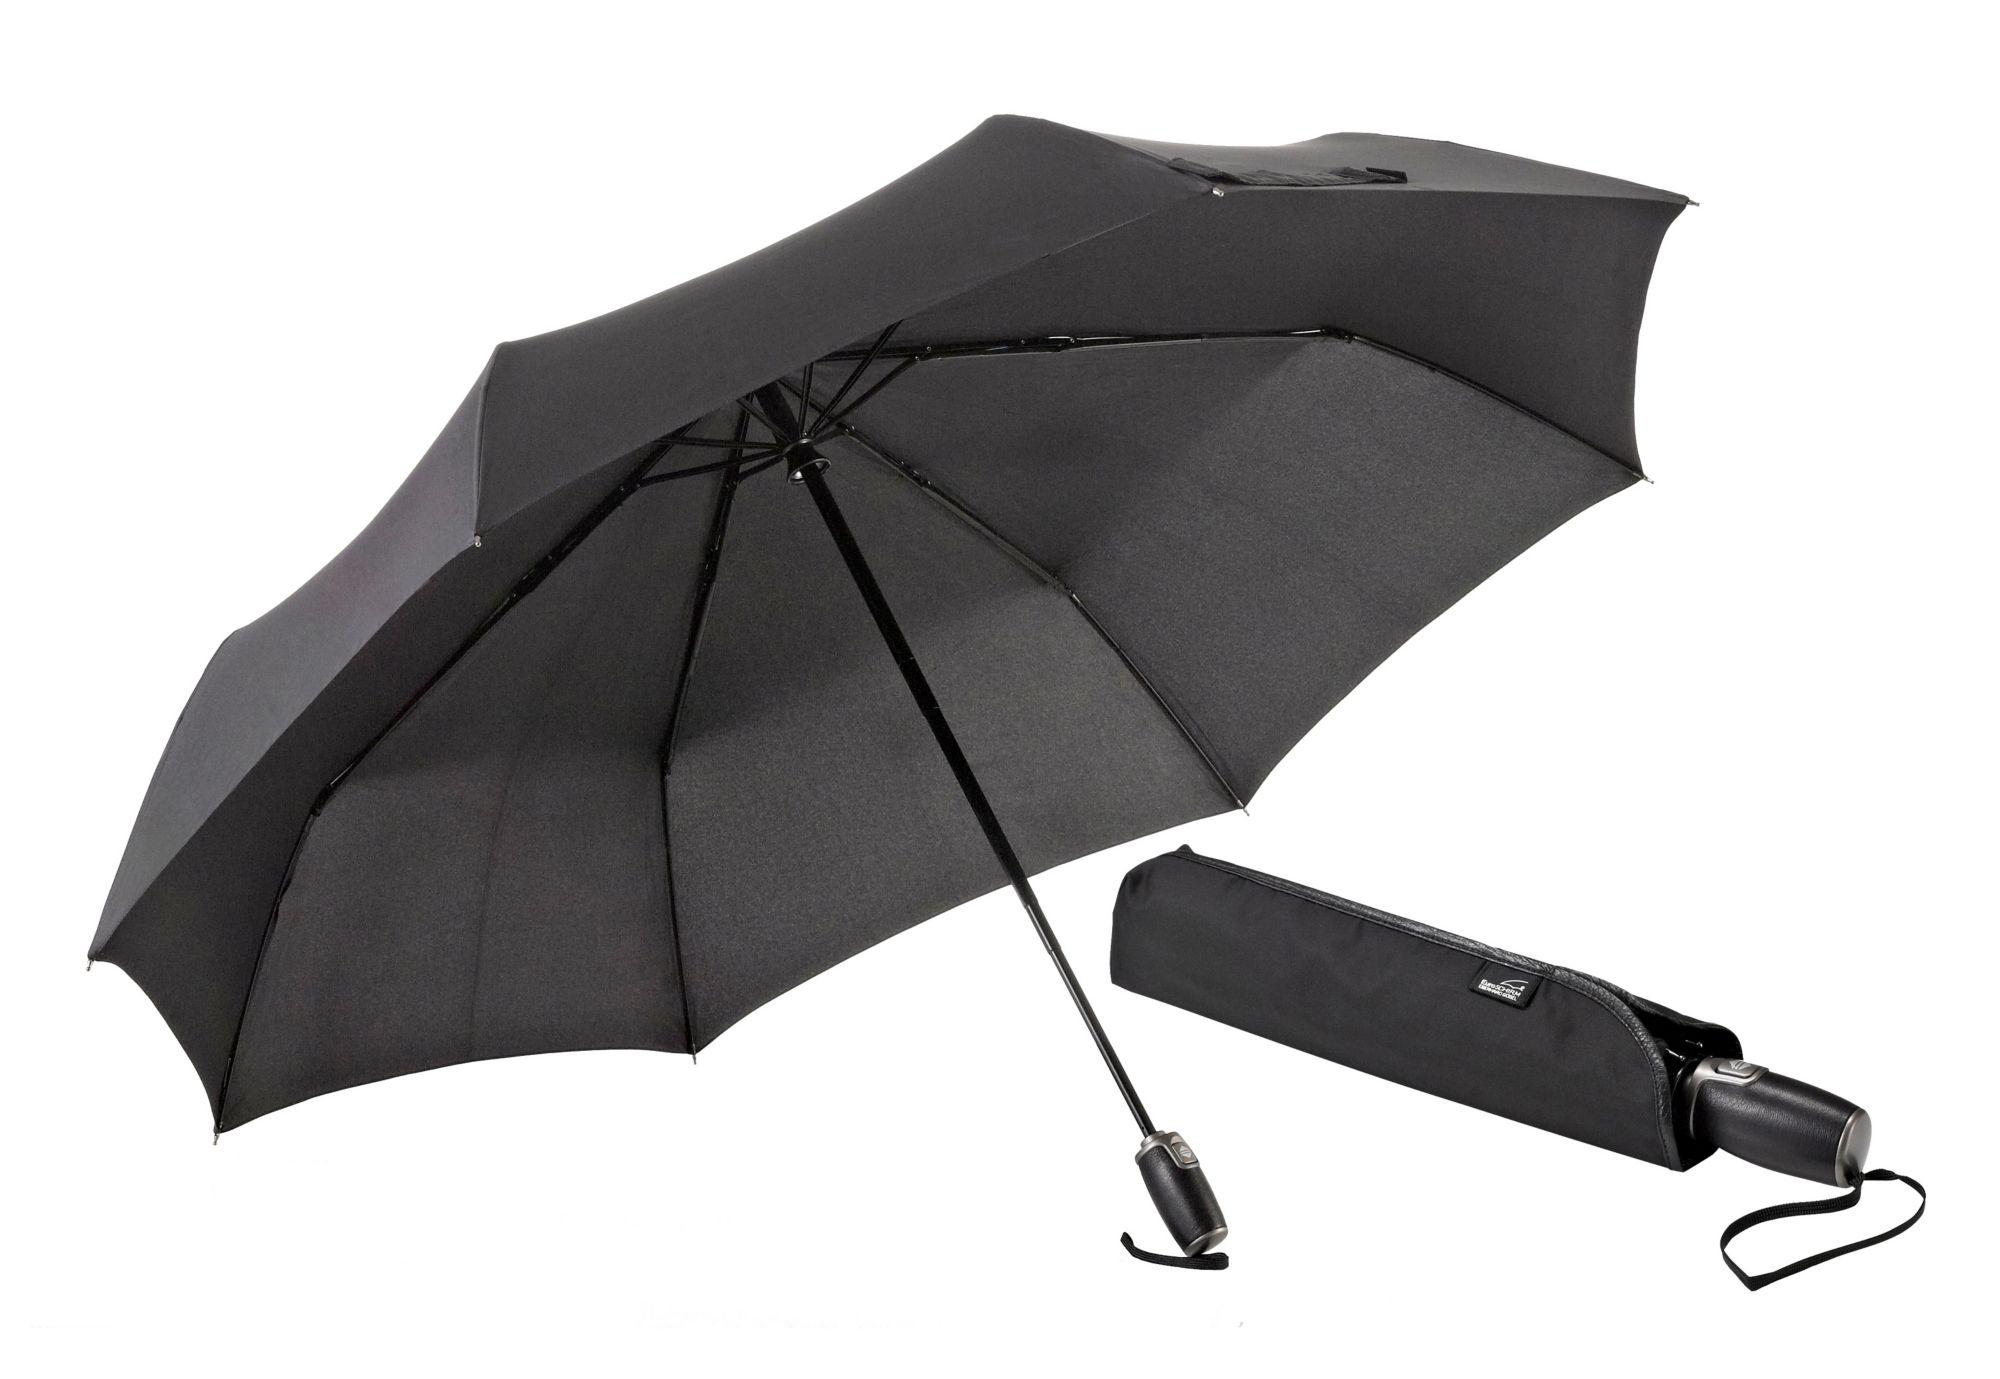 EUROSCHIRM® Euroschirm® Regenschirm für Zwei, »Regenschirm für Zwei«